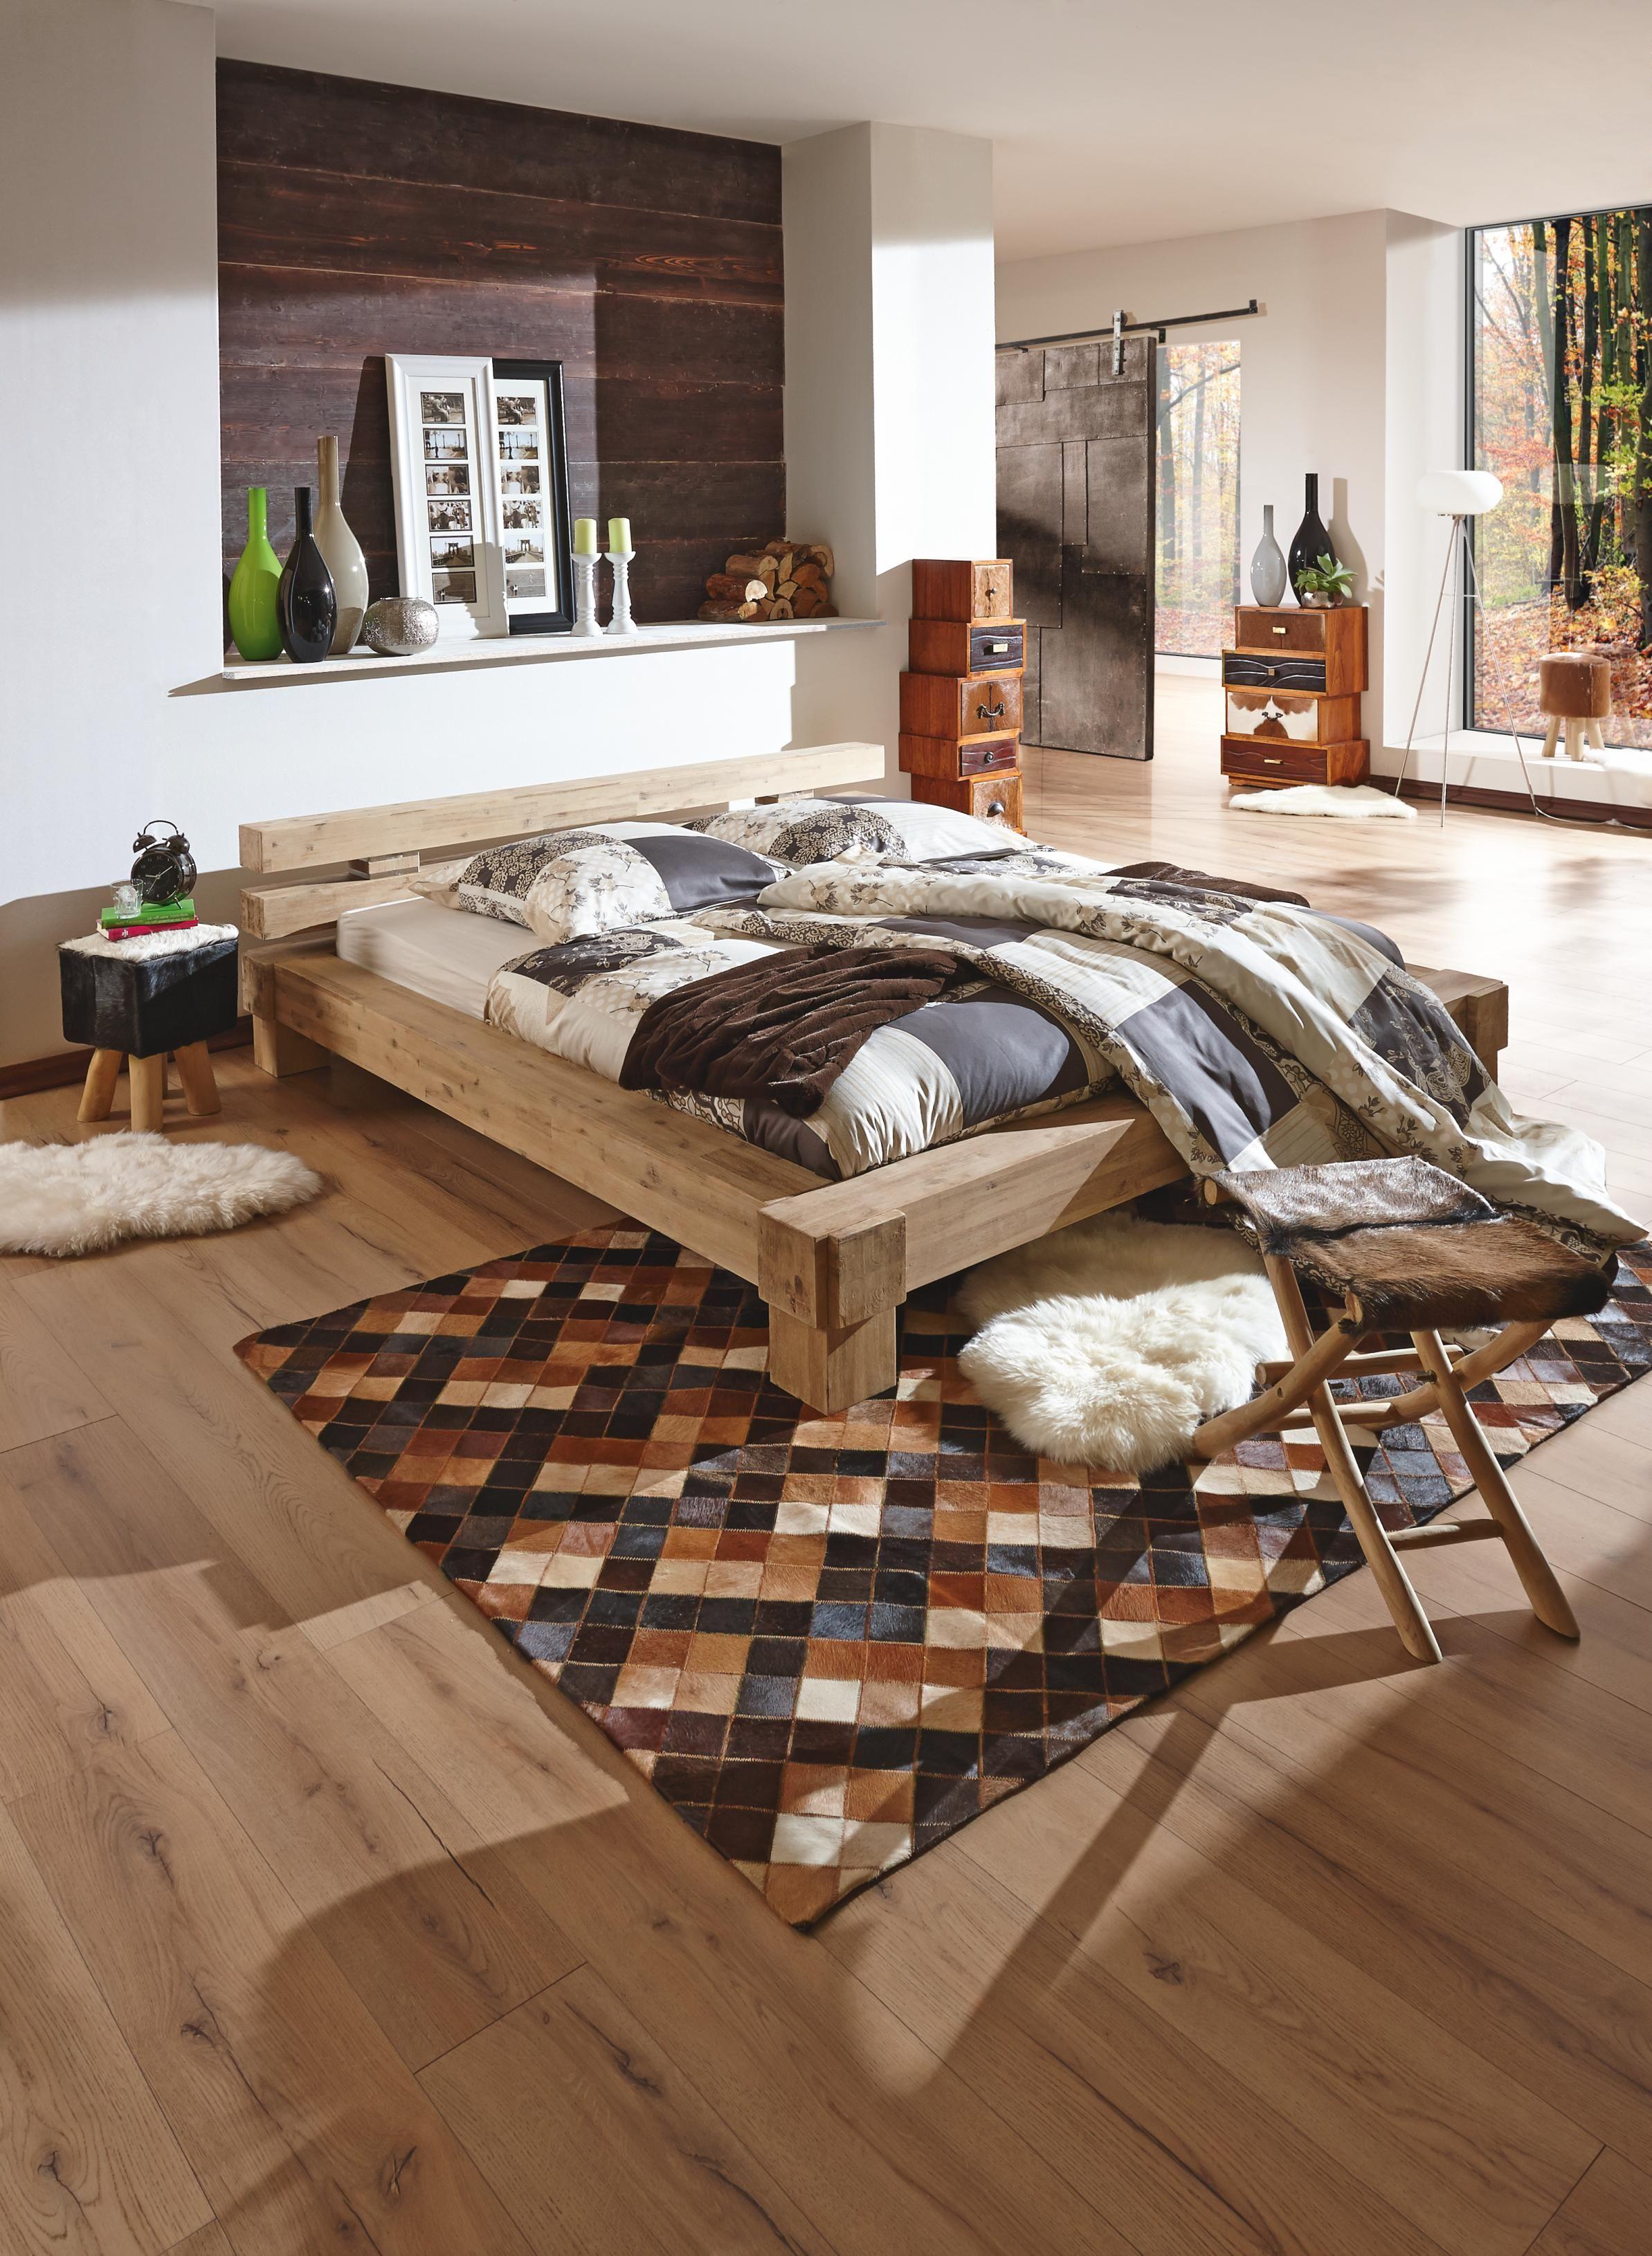 Dieses Bett Aus Der Serie Victoria Ist Ein Echter Hingucker In Ihrem Schlafzimmer Das Schmuckstuck Rustikales Schlafzimmerdesign Schlafzimmer Design Zimmer